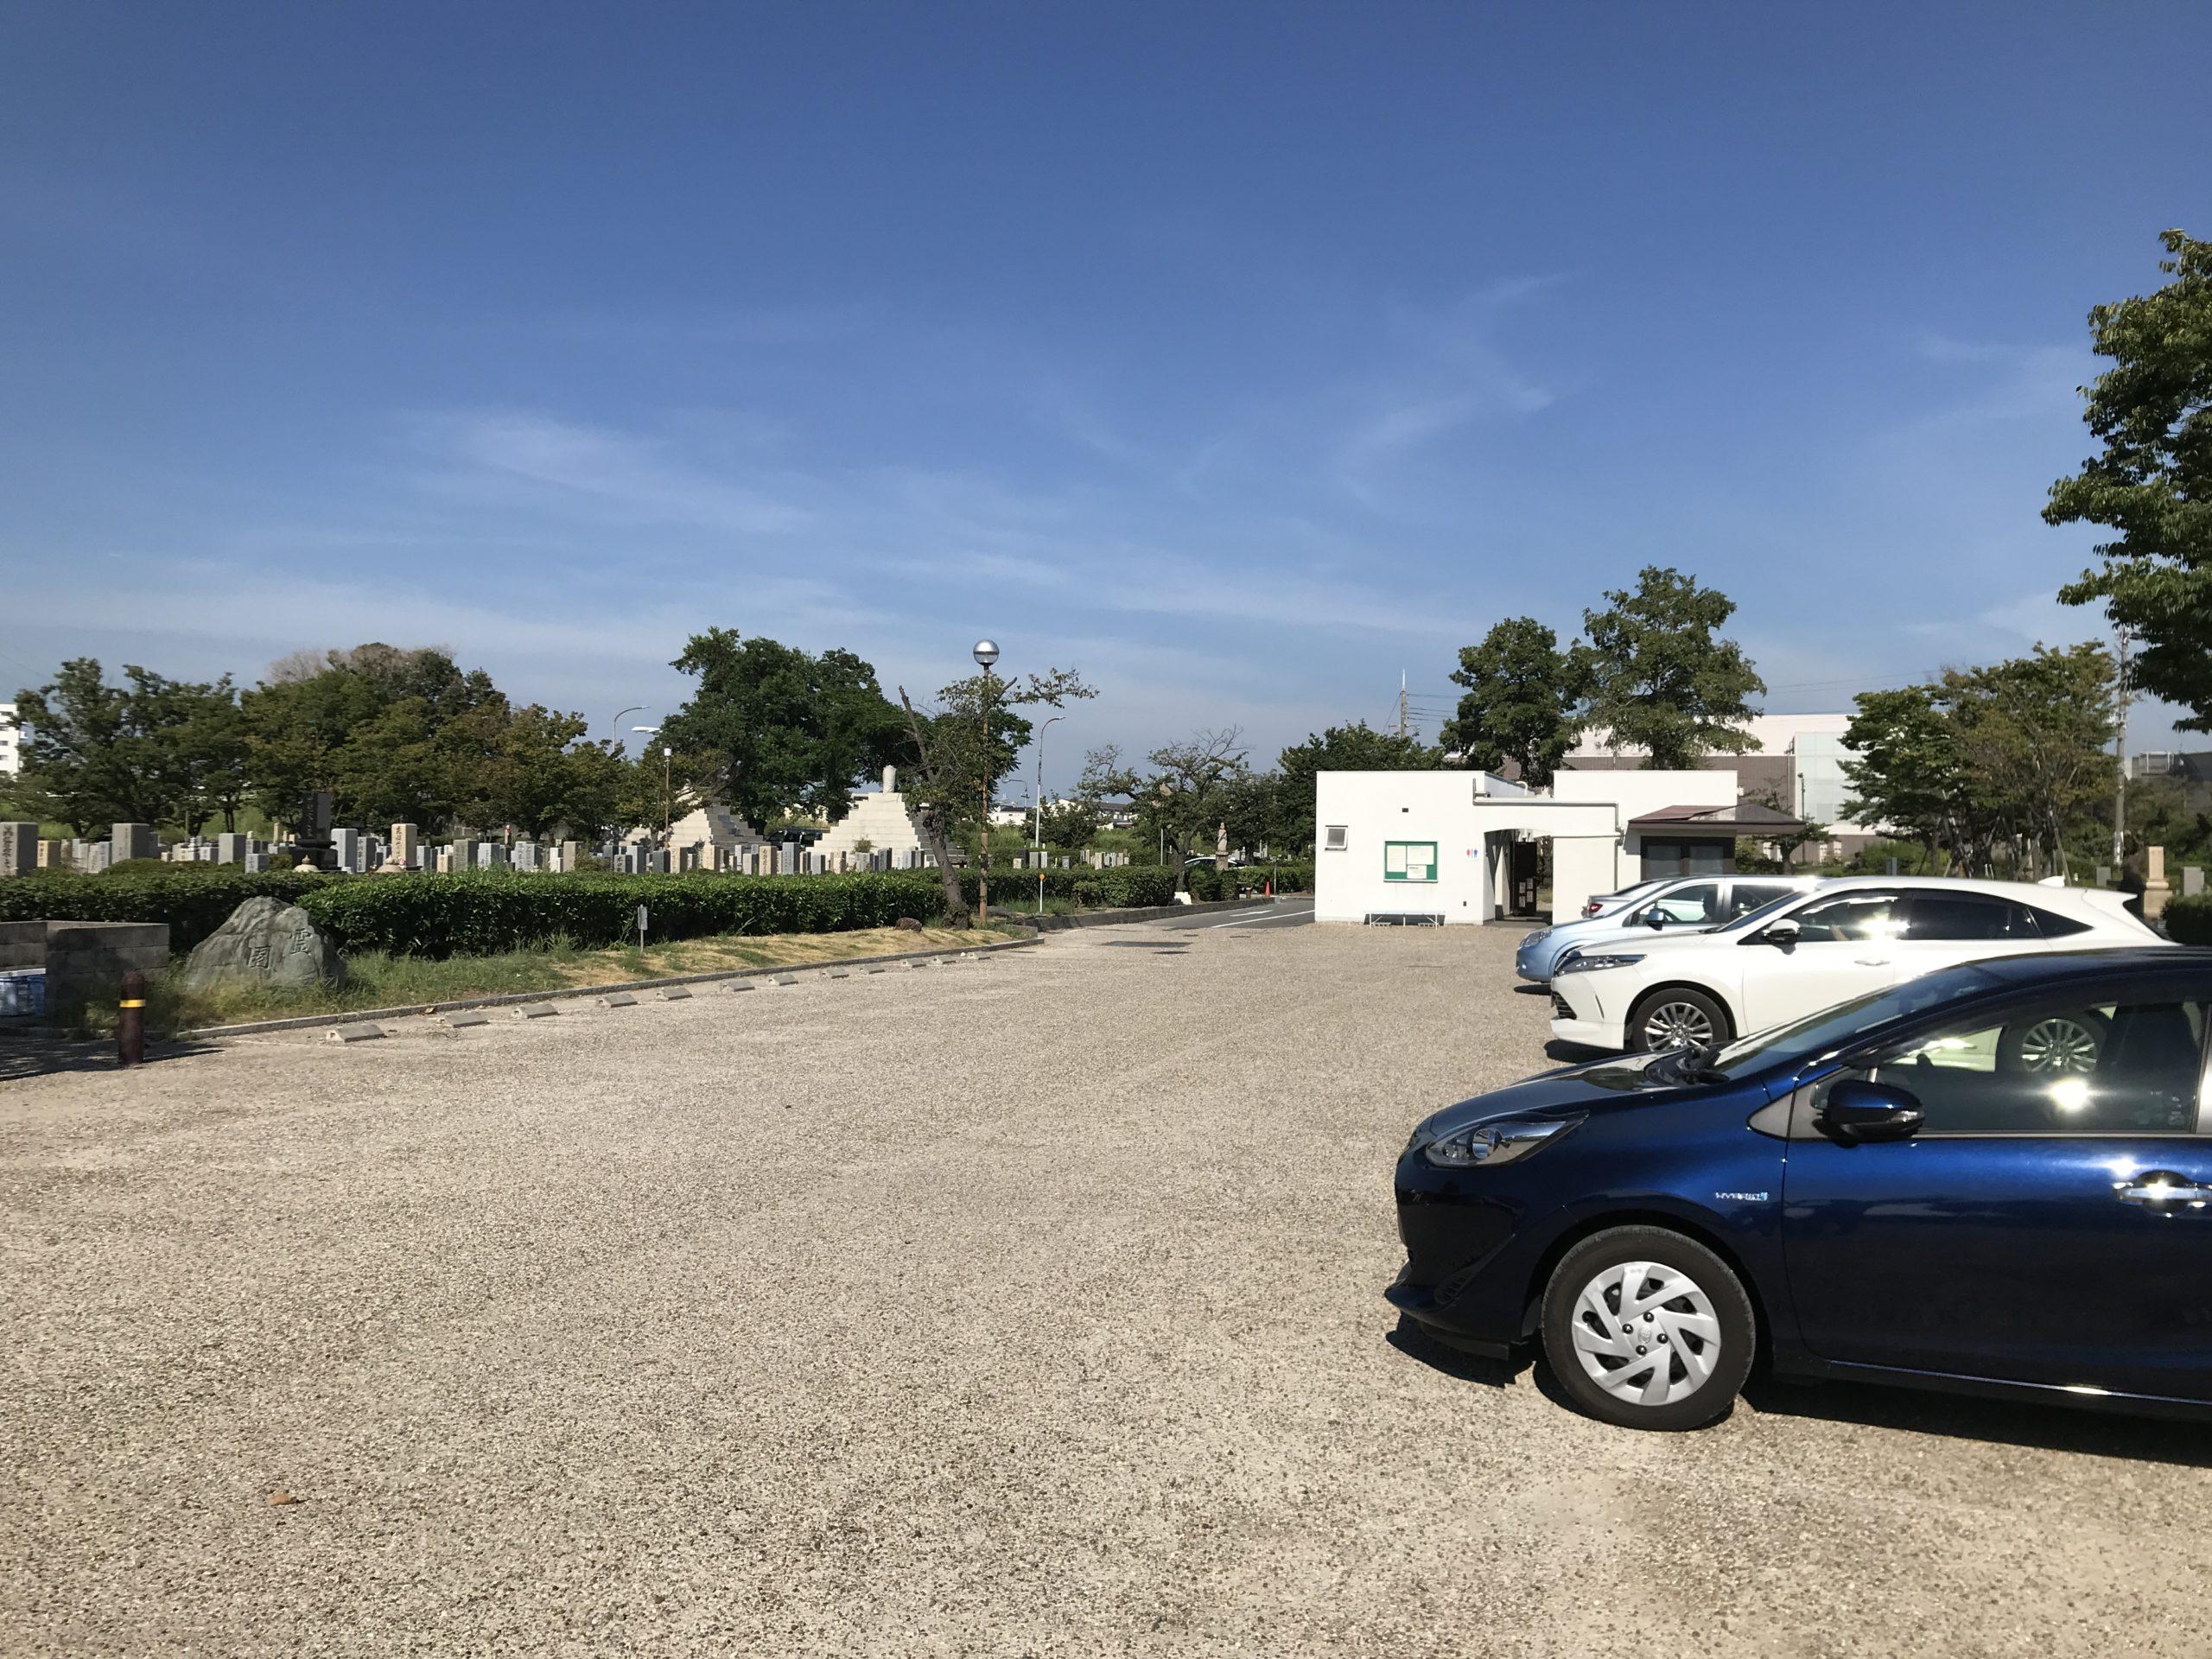 尼崎市弥生ケ丘墓園の駐車場2